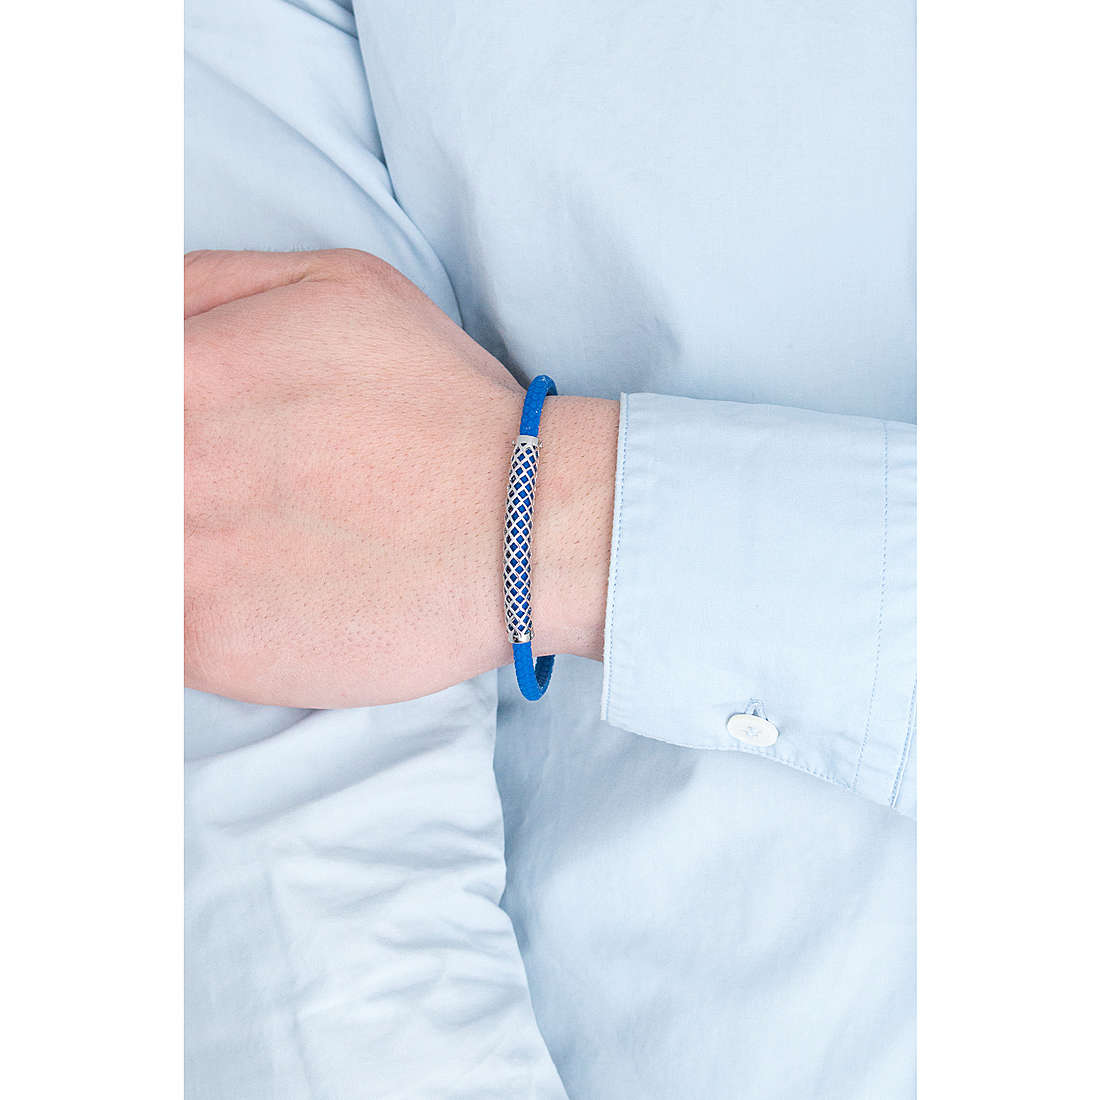 Comete bracelets Net man UBR 620 photo wearing